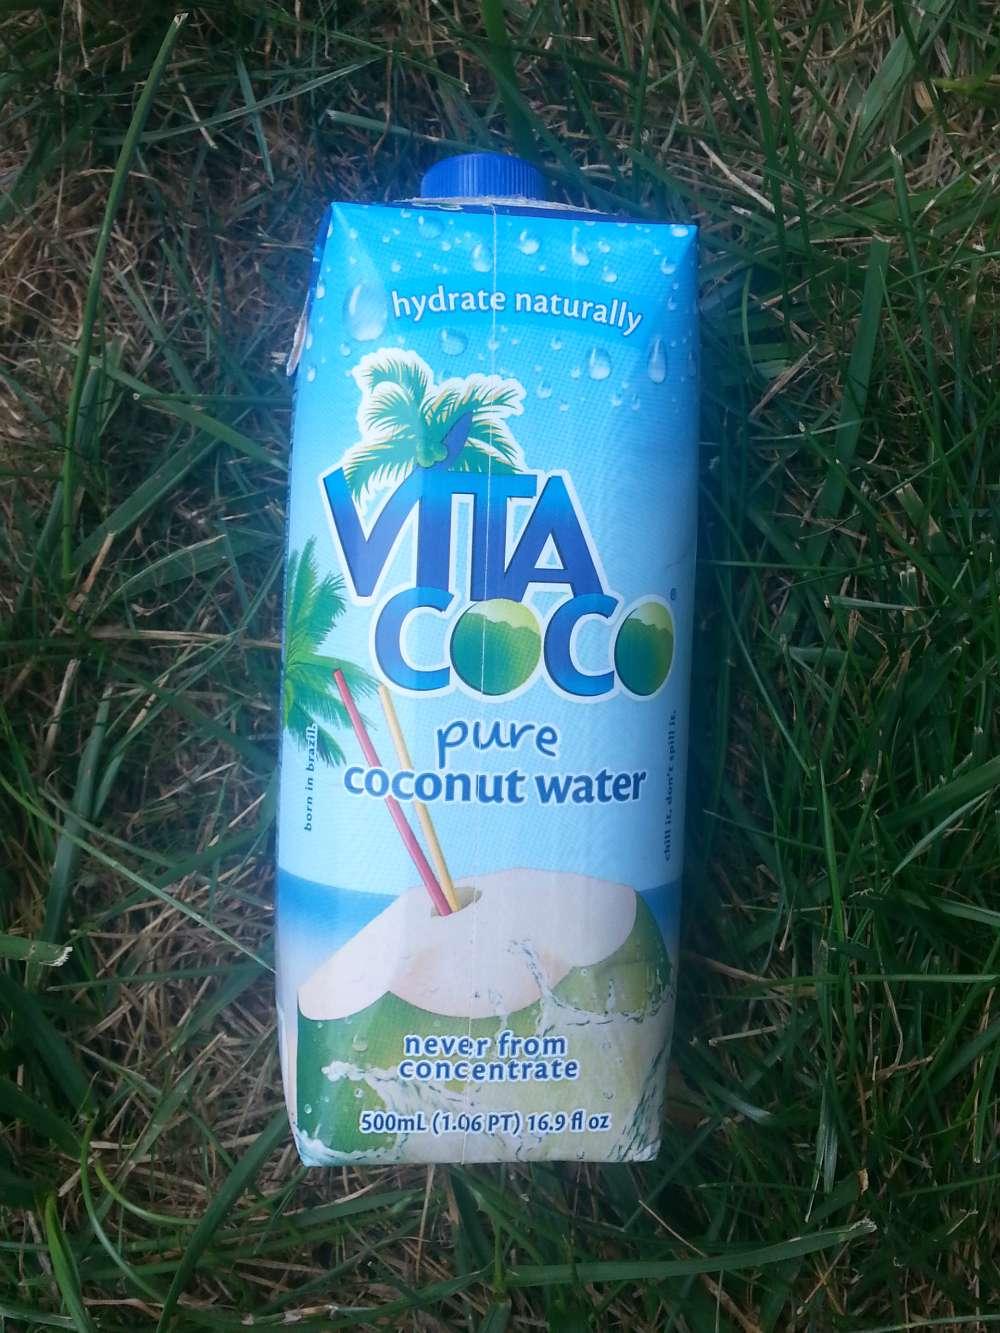 Vita Coco pure coconut water #SipandBeFit